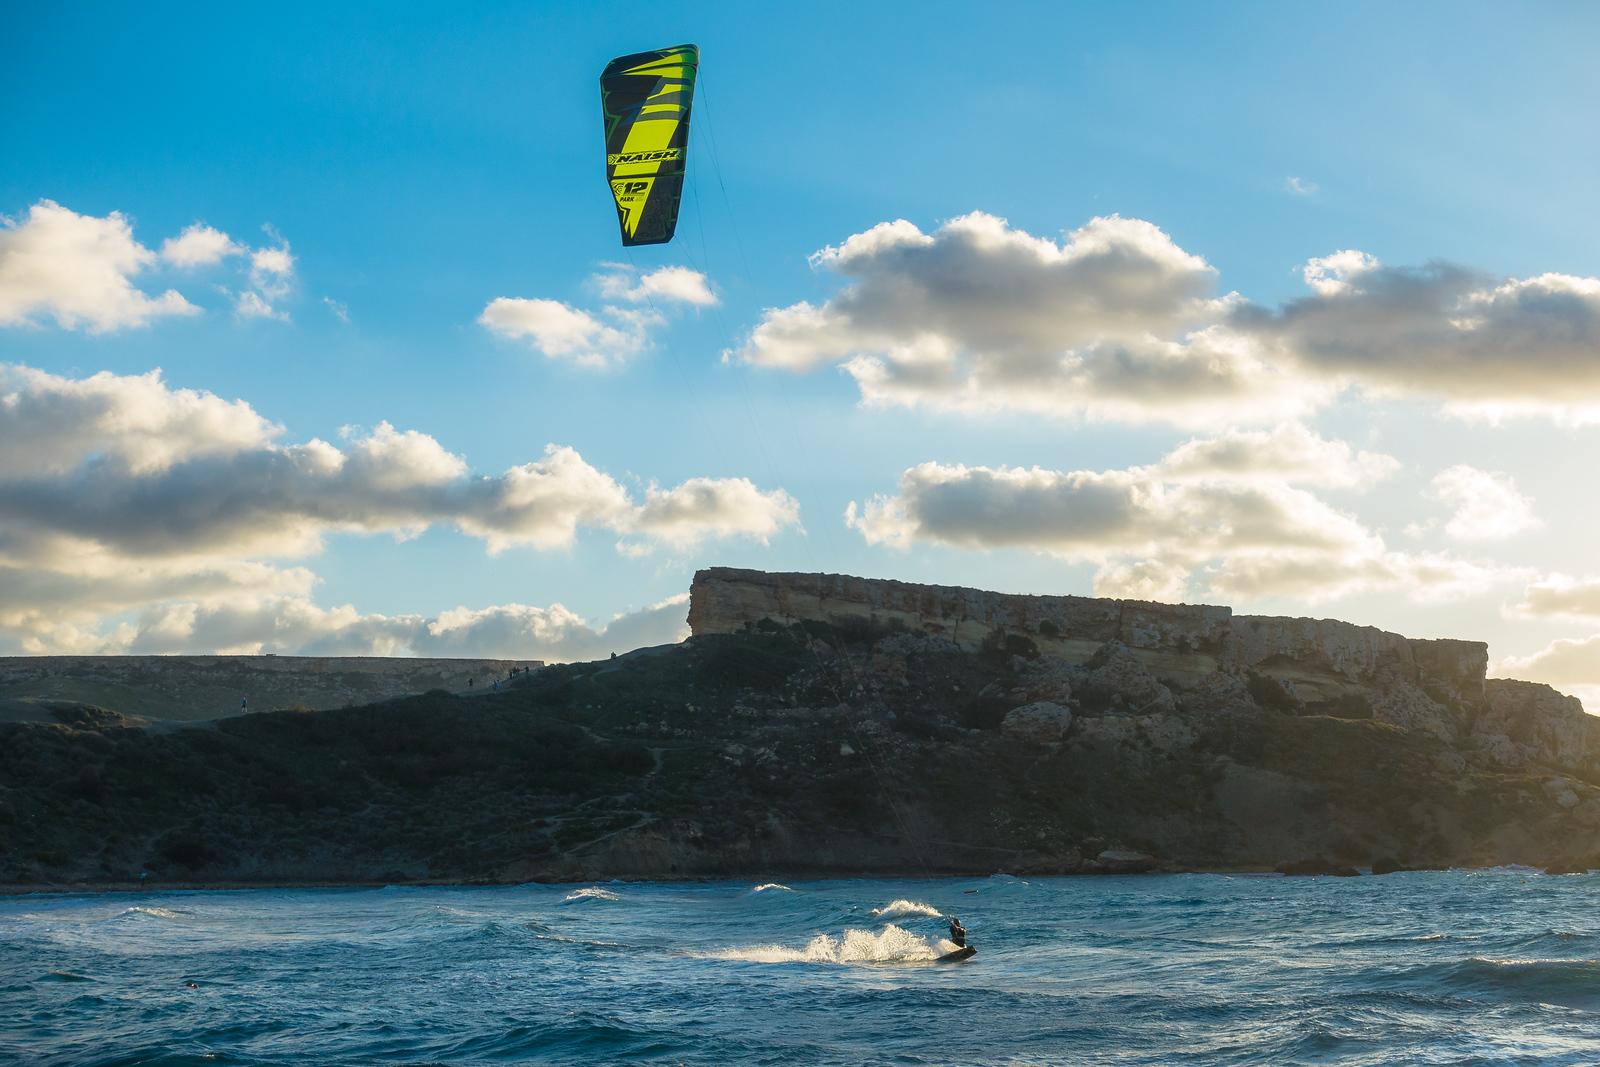 Malta Pictures - Kitesurfing at Għajn Tuffieħa Bay